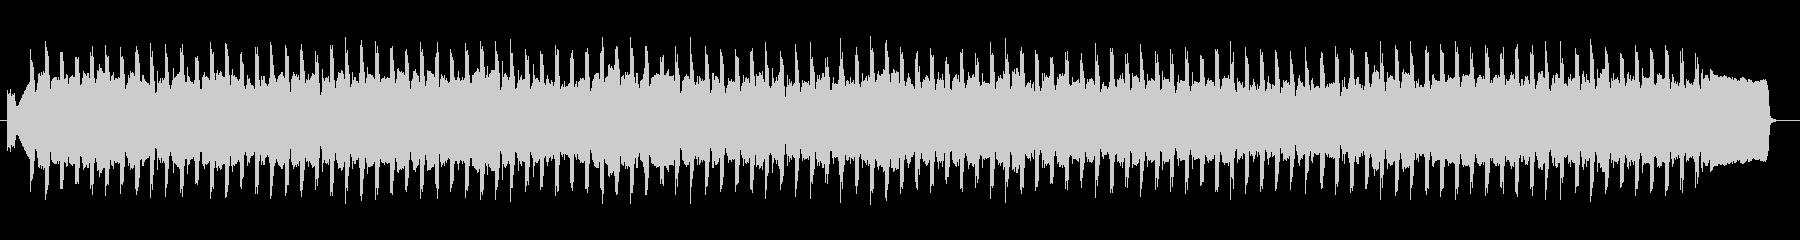 穏やかなコーポレート 60秒版の未再生の波形